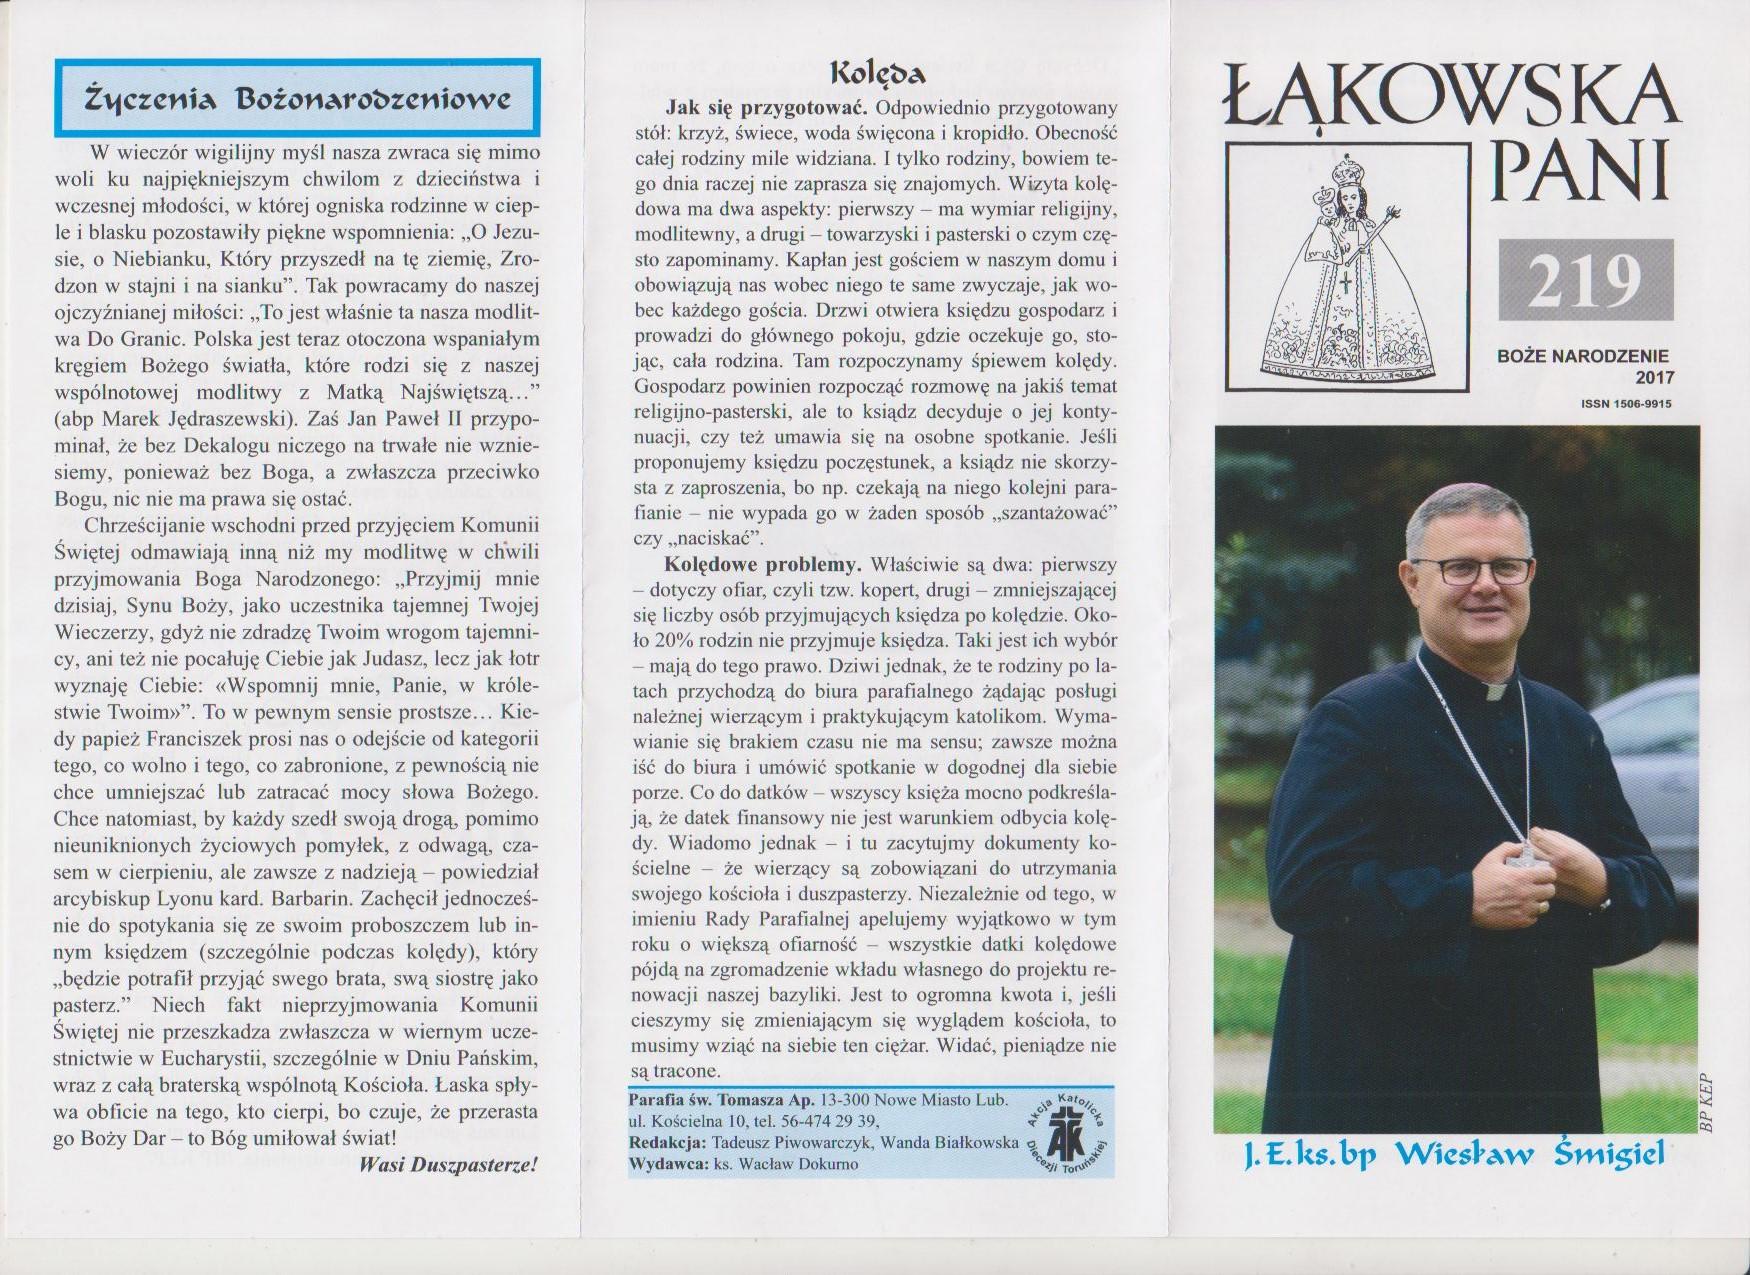 Łąkowska Pani 12a